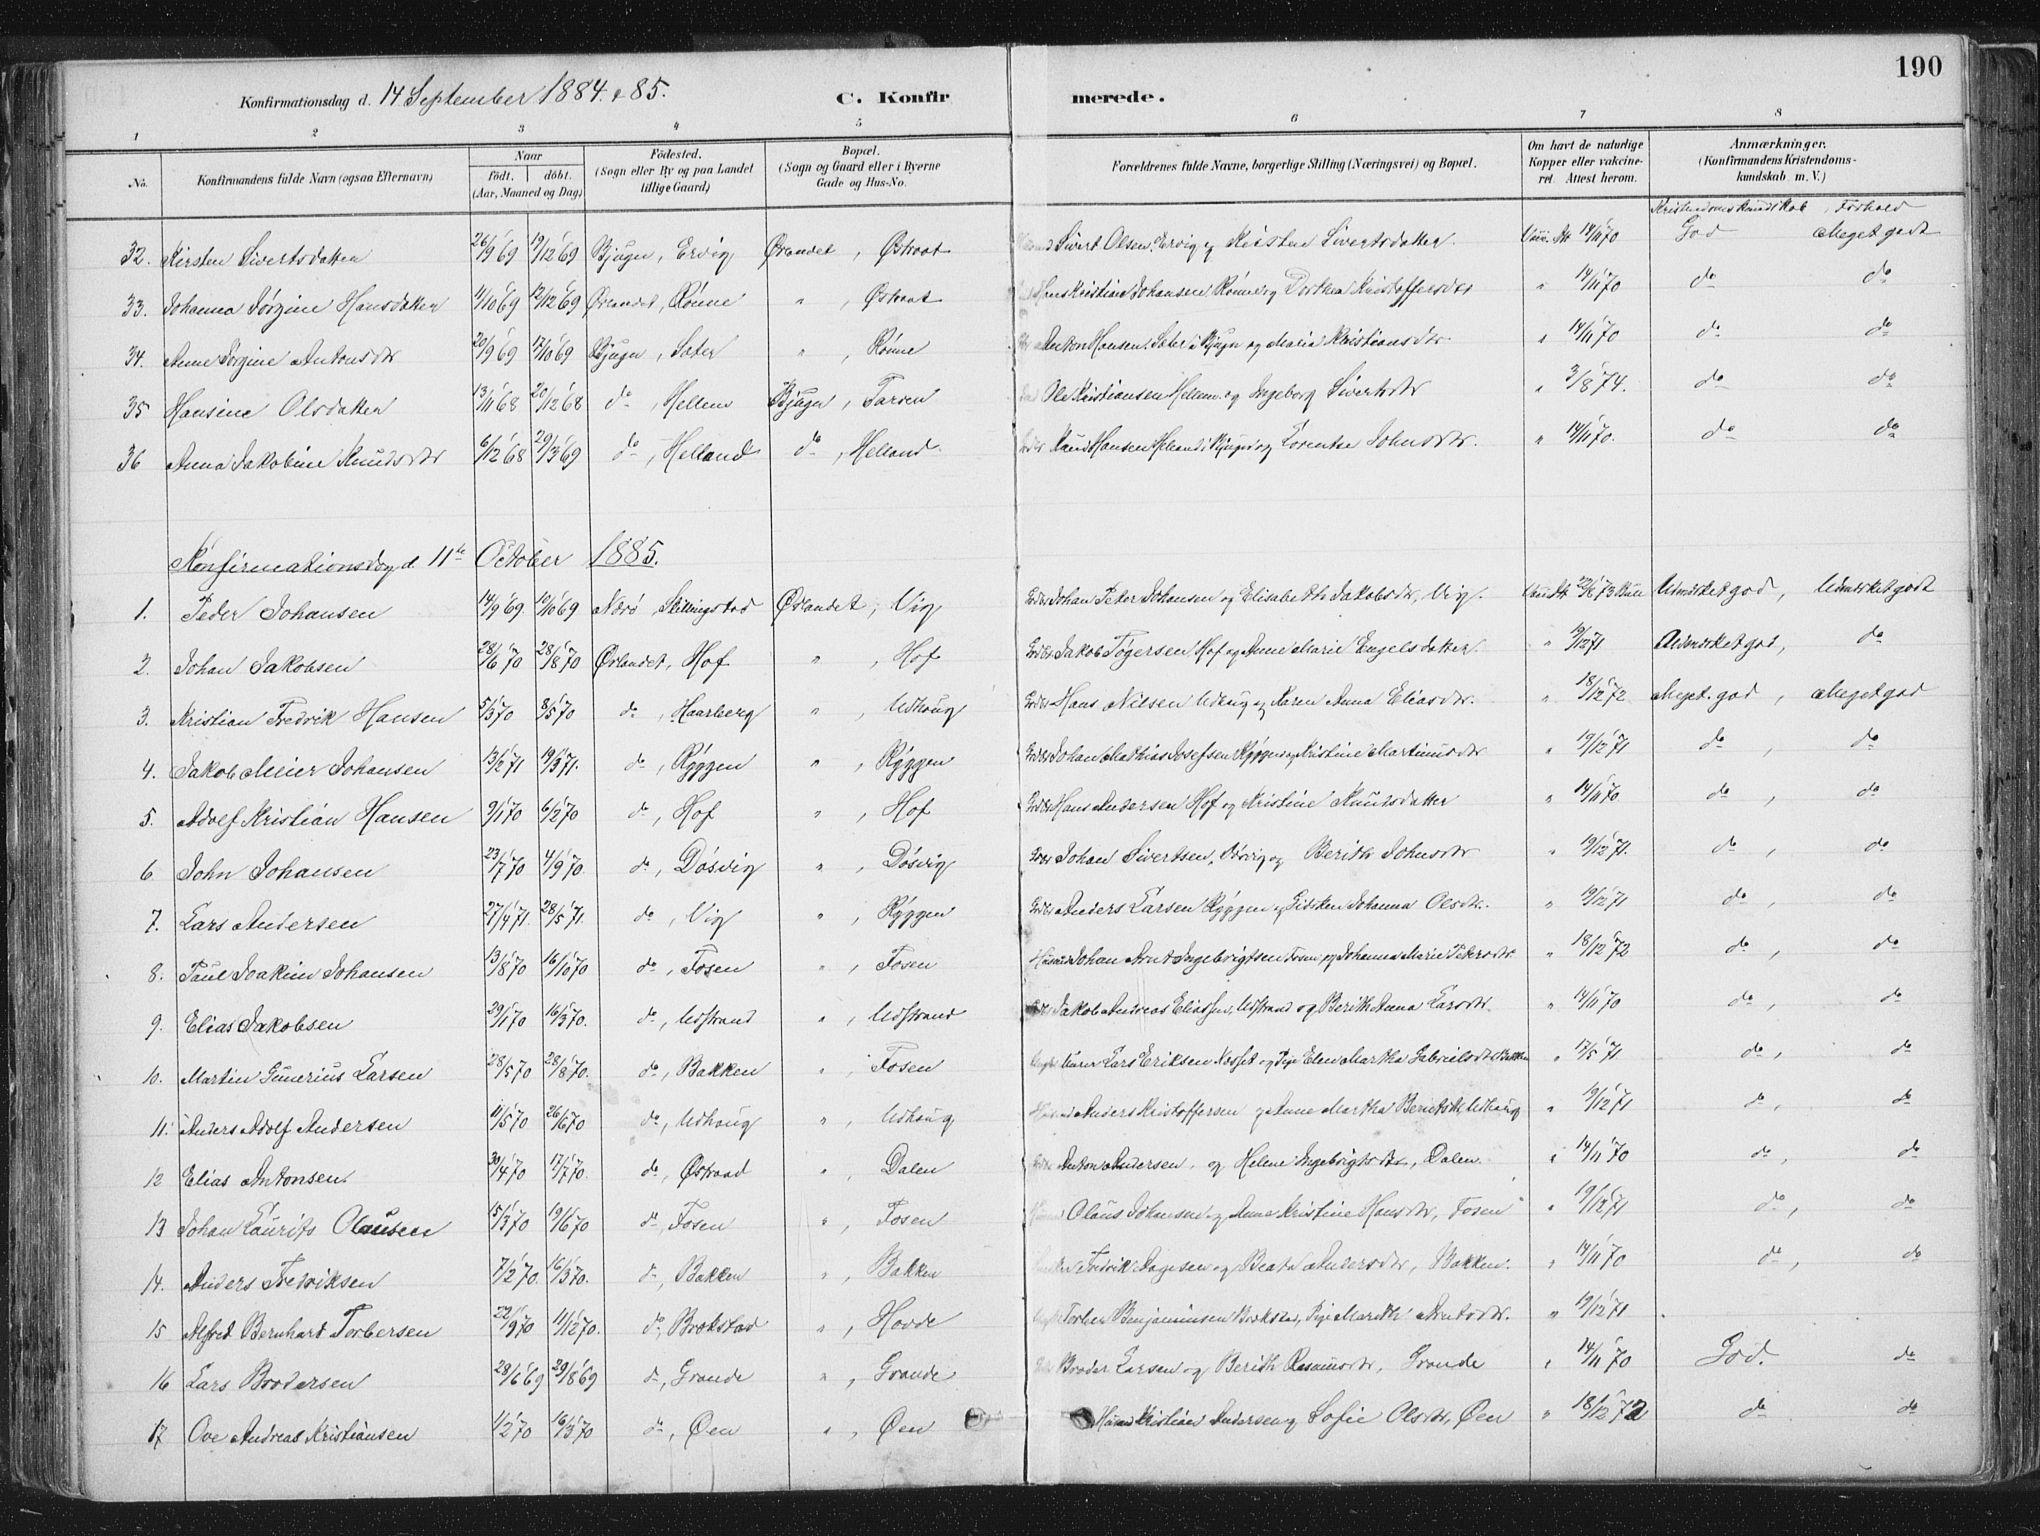 SAT, Ministerialprotokoller, klokkerbøker og fødselsregistre - Sør-Trøndelag, 659/L0739: Ministerialbok nr. 659A09, 1879-1893, s. 190